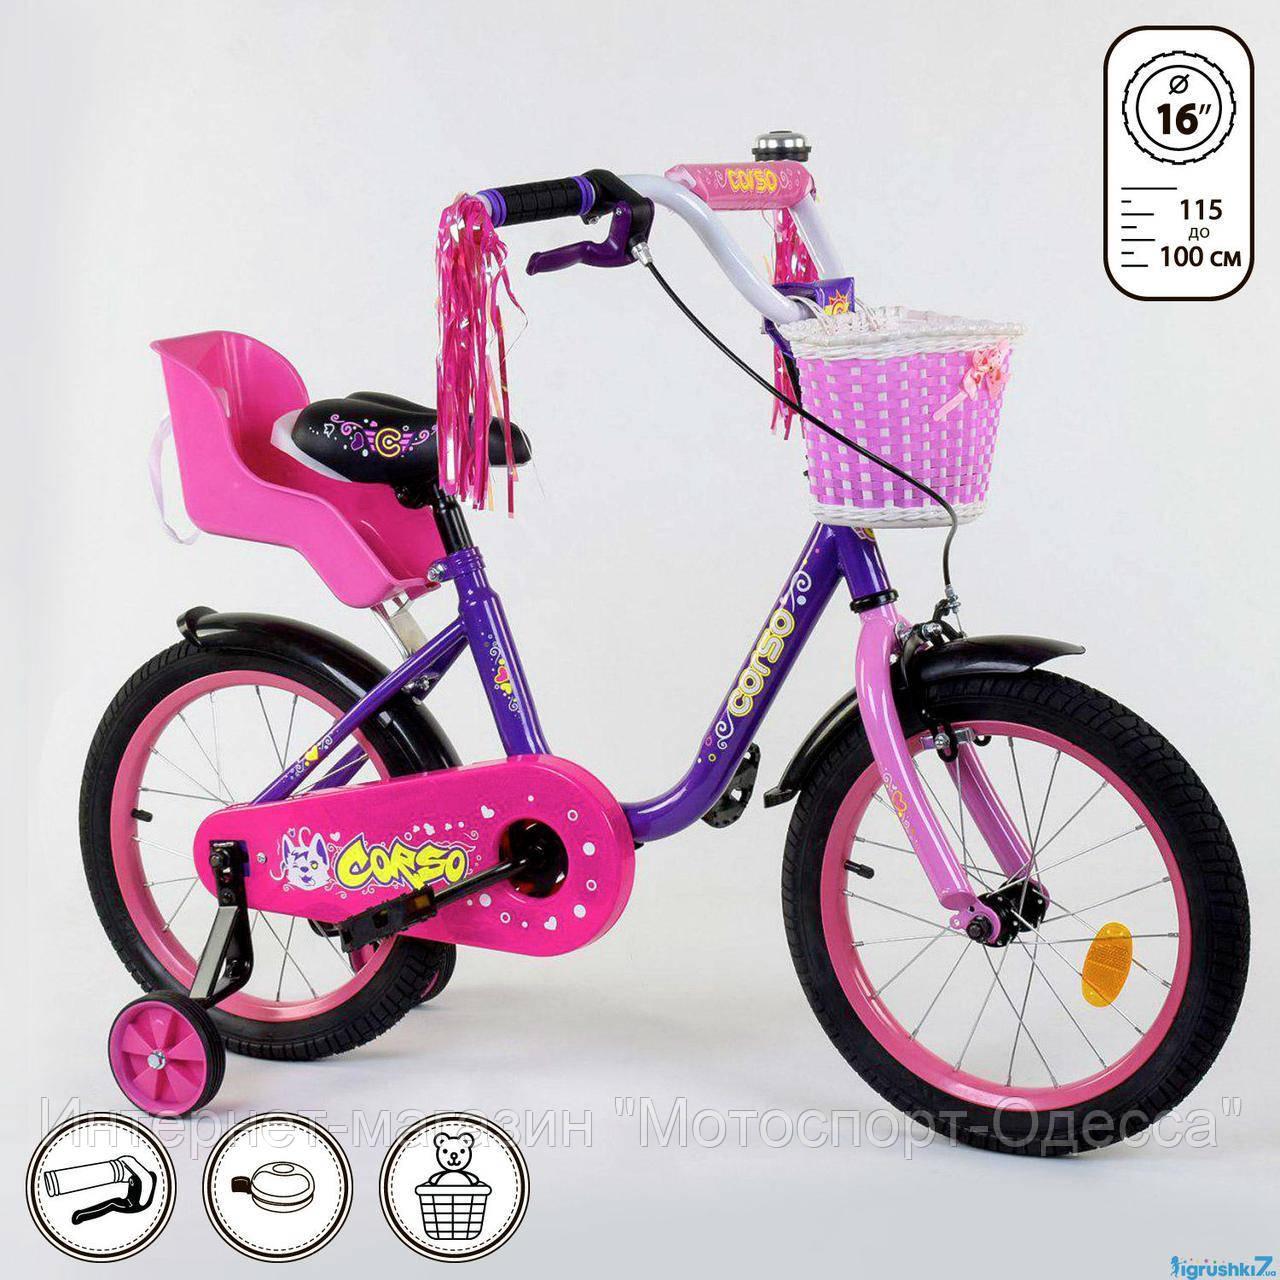 Детский велосипед 16 дюймов корзинка кресло для куклы Корсо собран на 75%